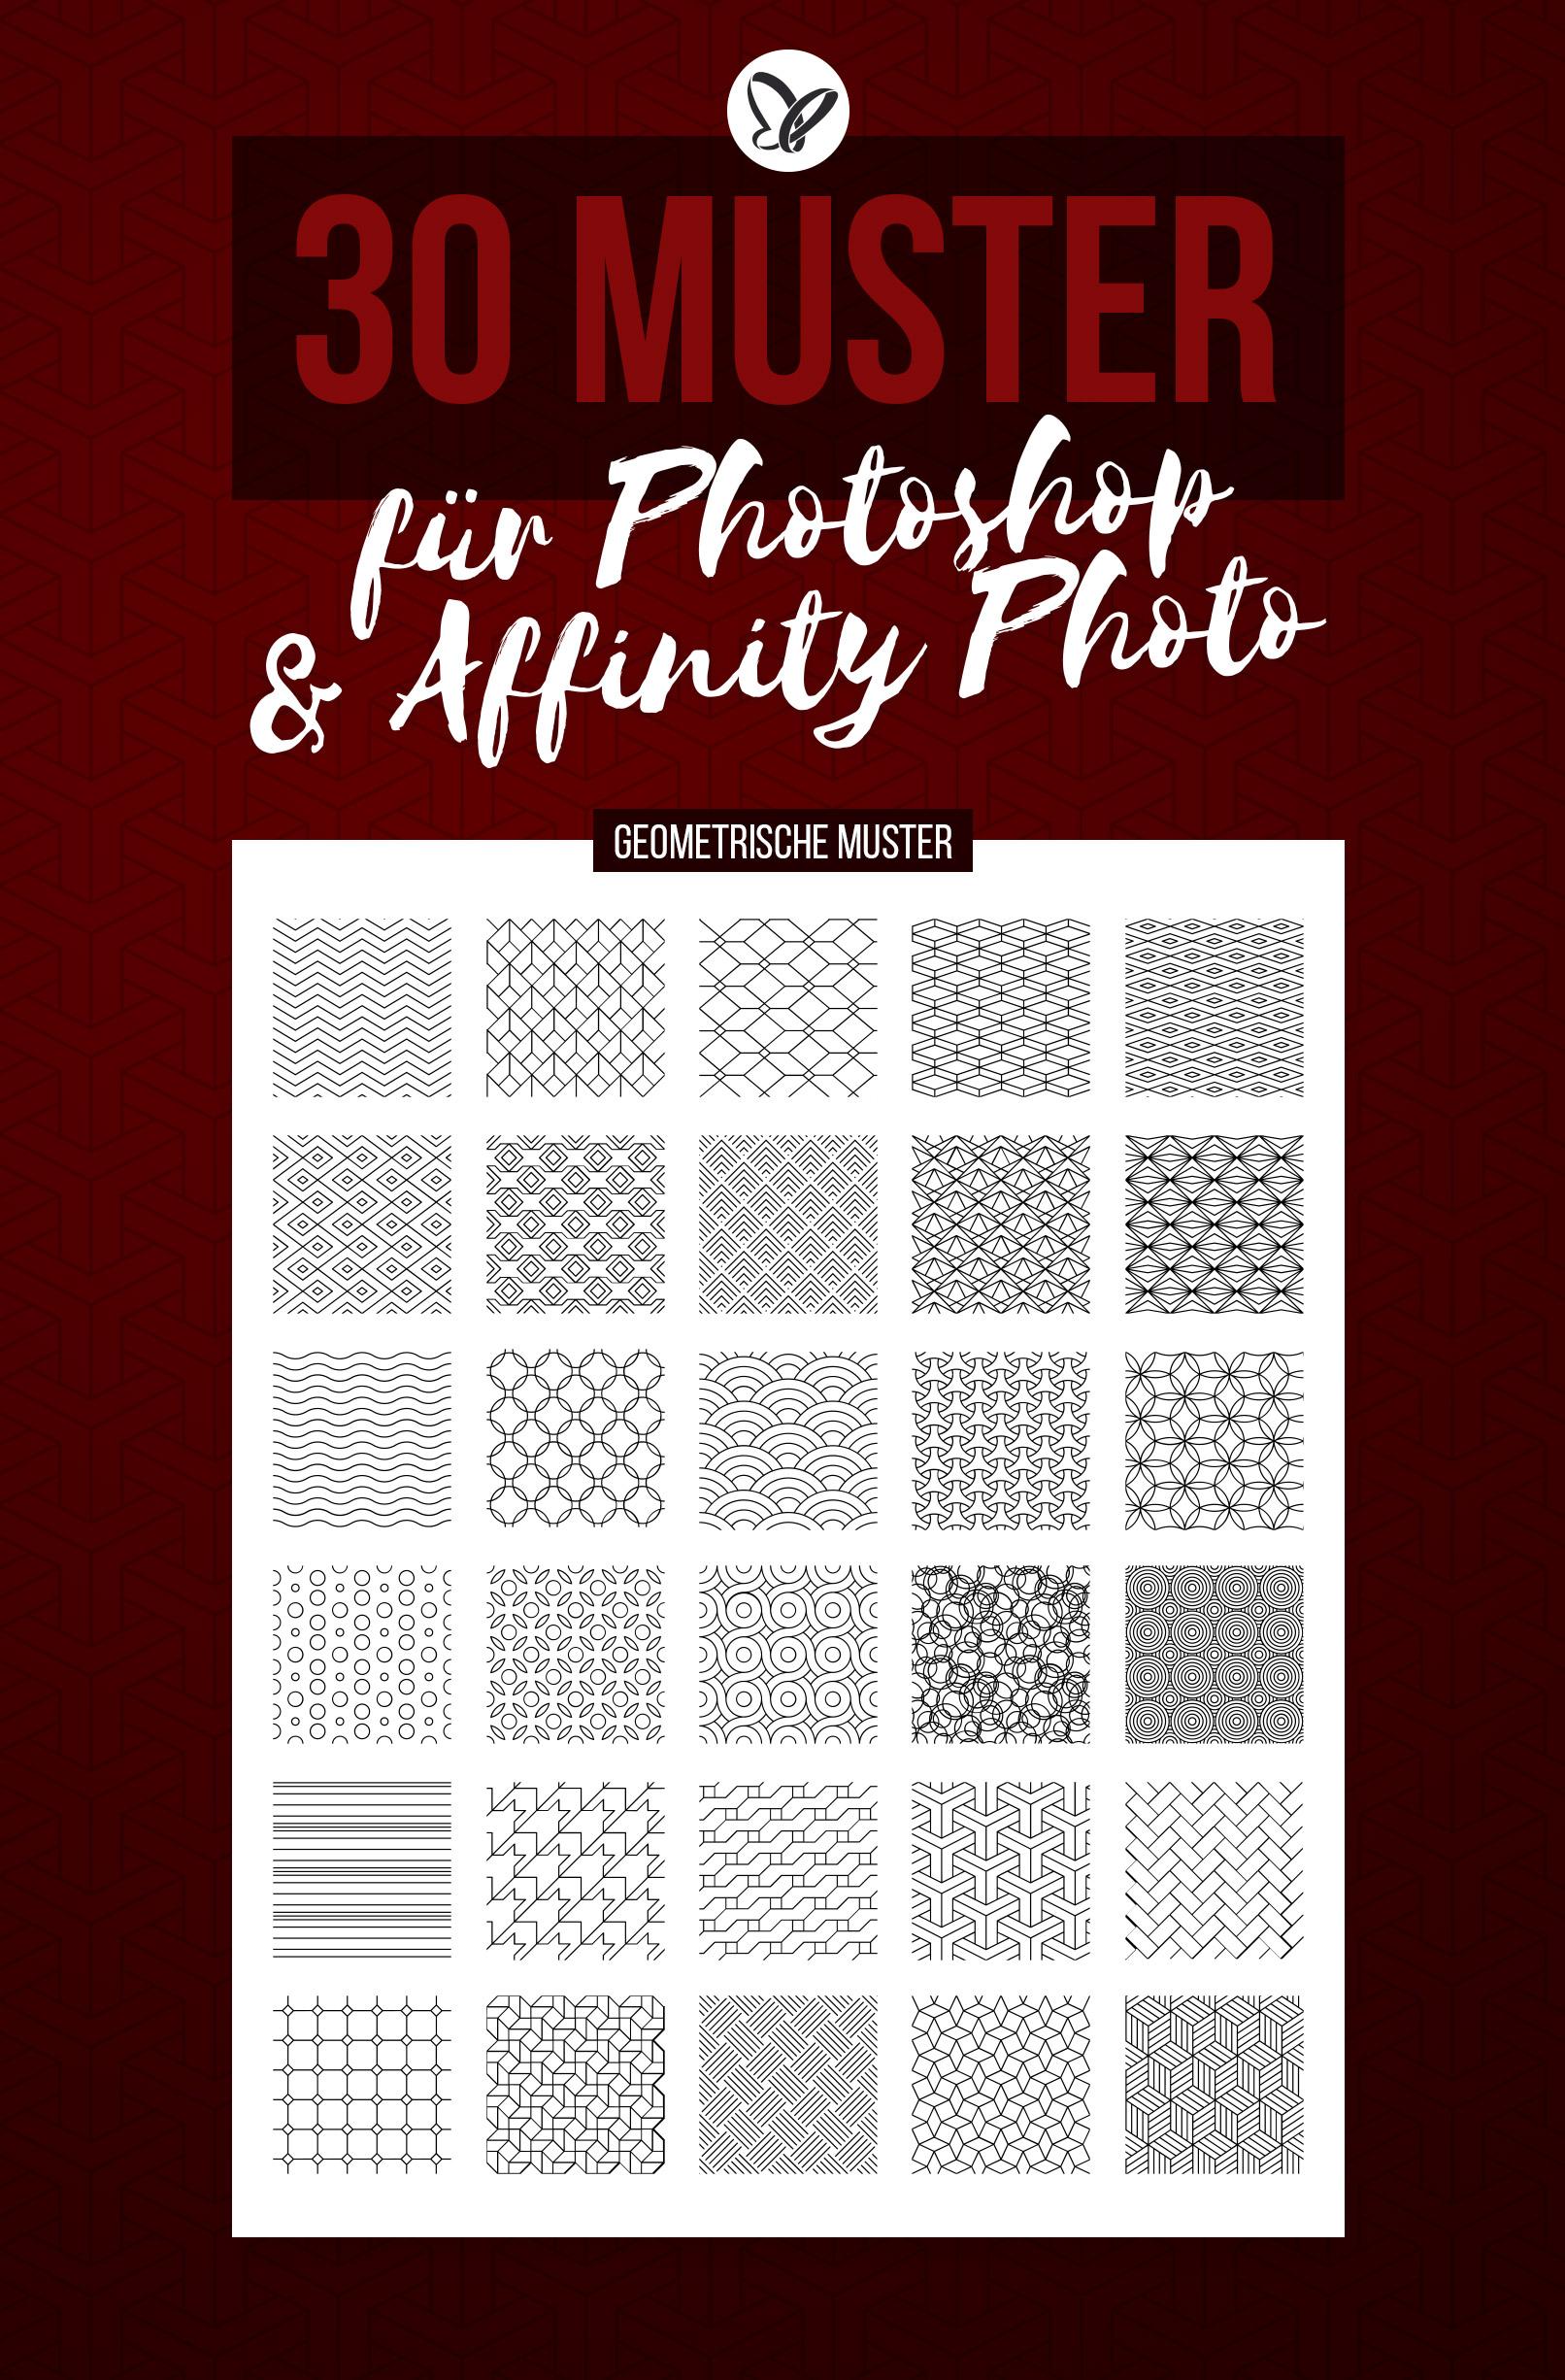 Vorschau auf die 30 Muster für Photoshop und Affinity Photo